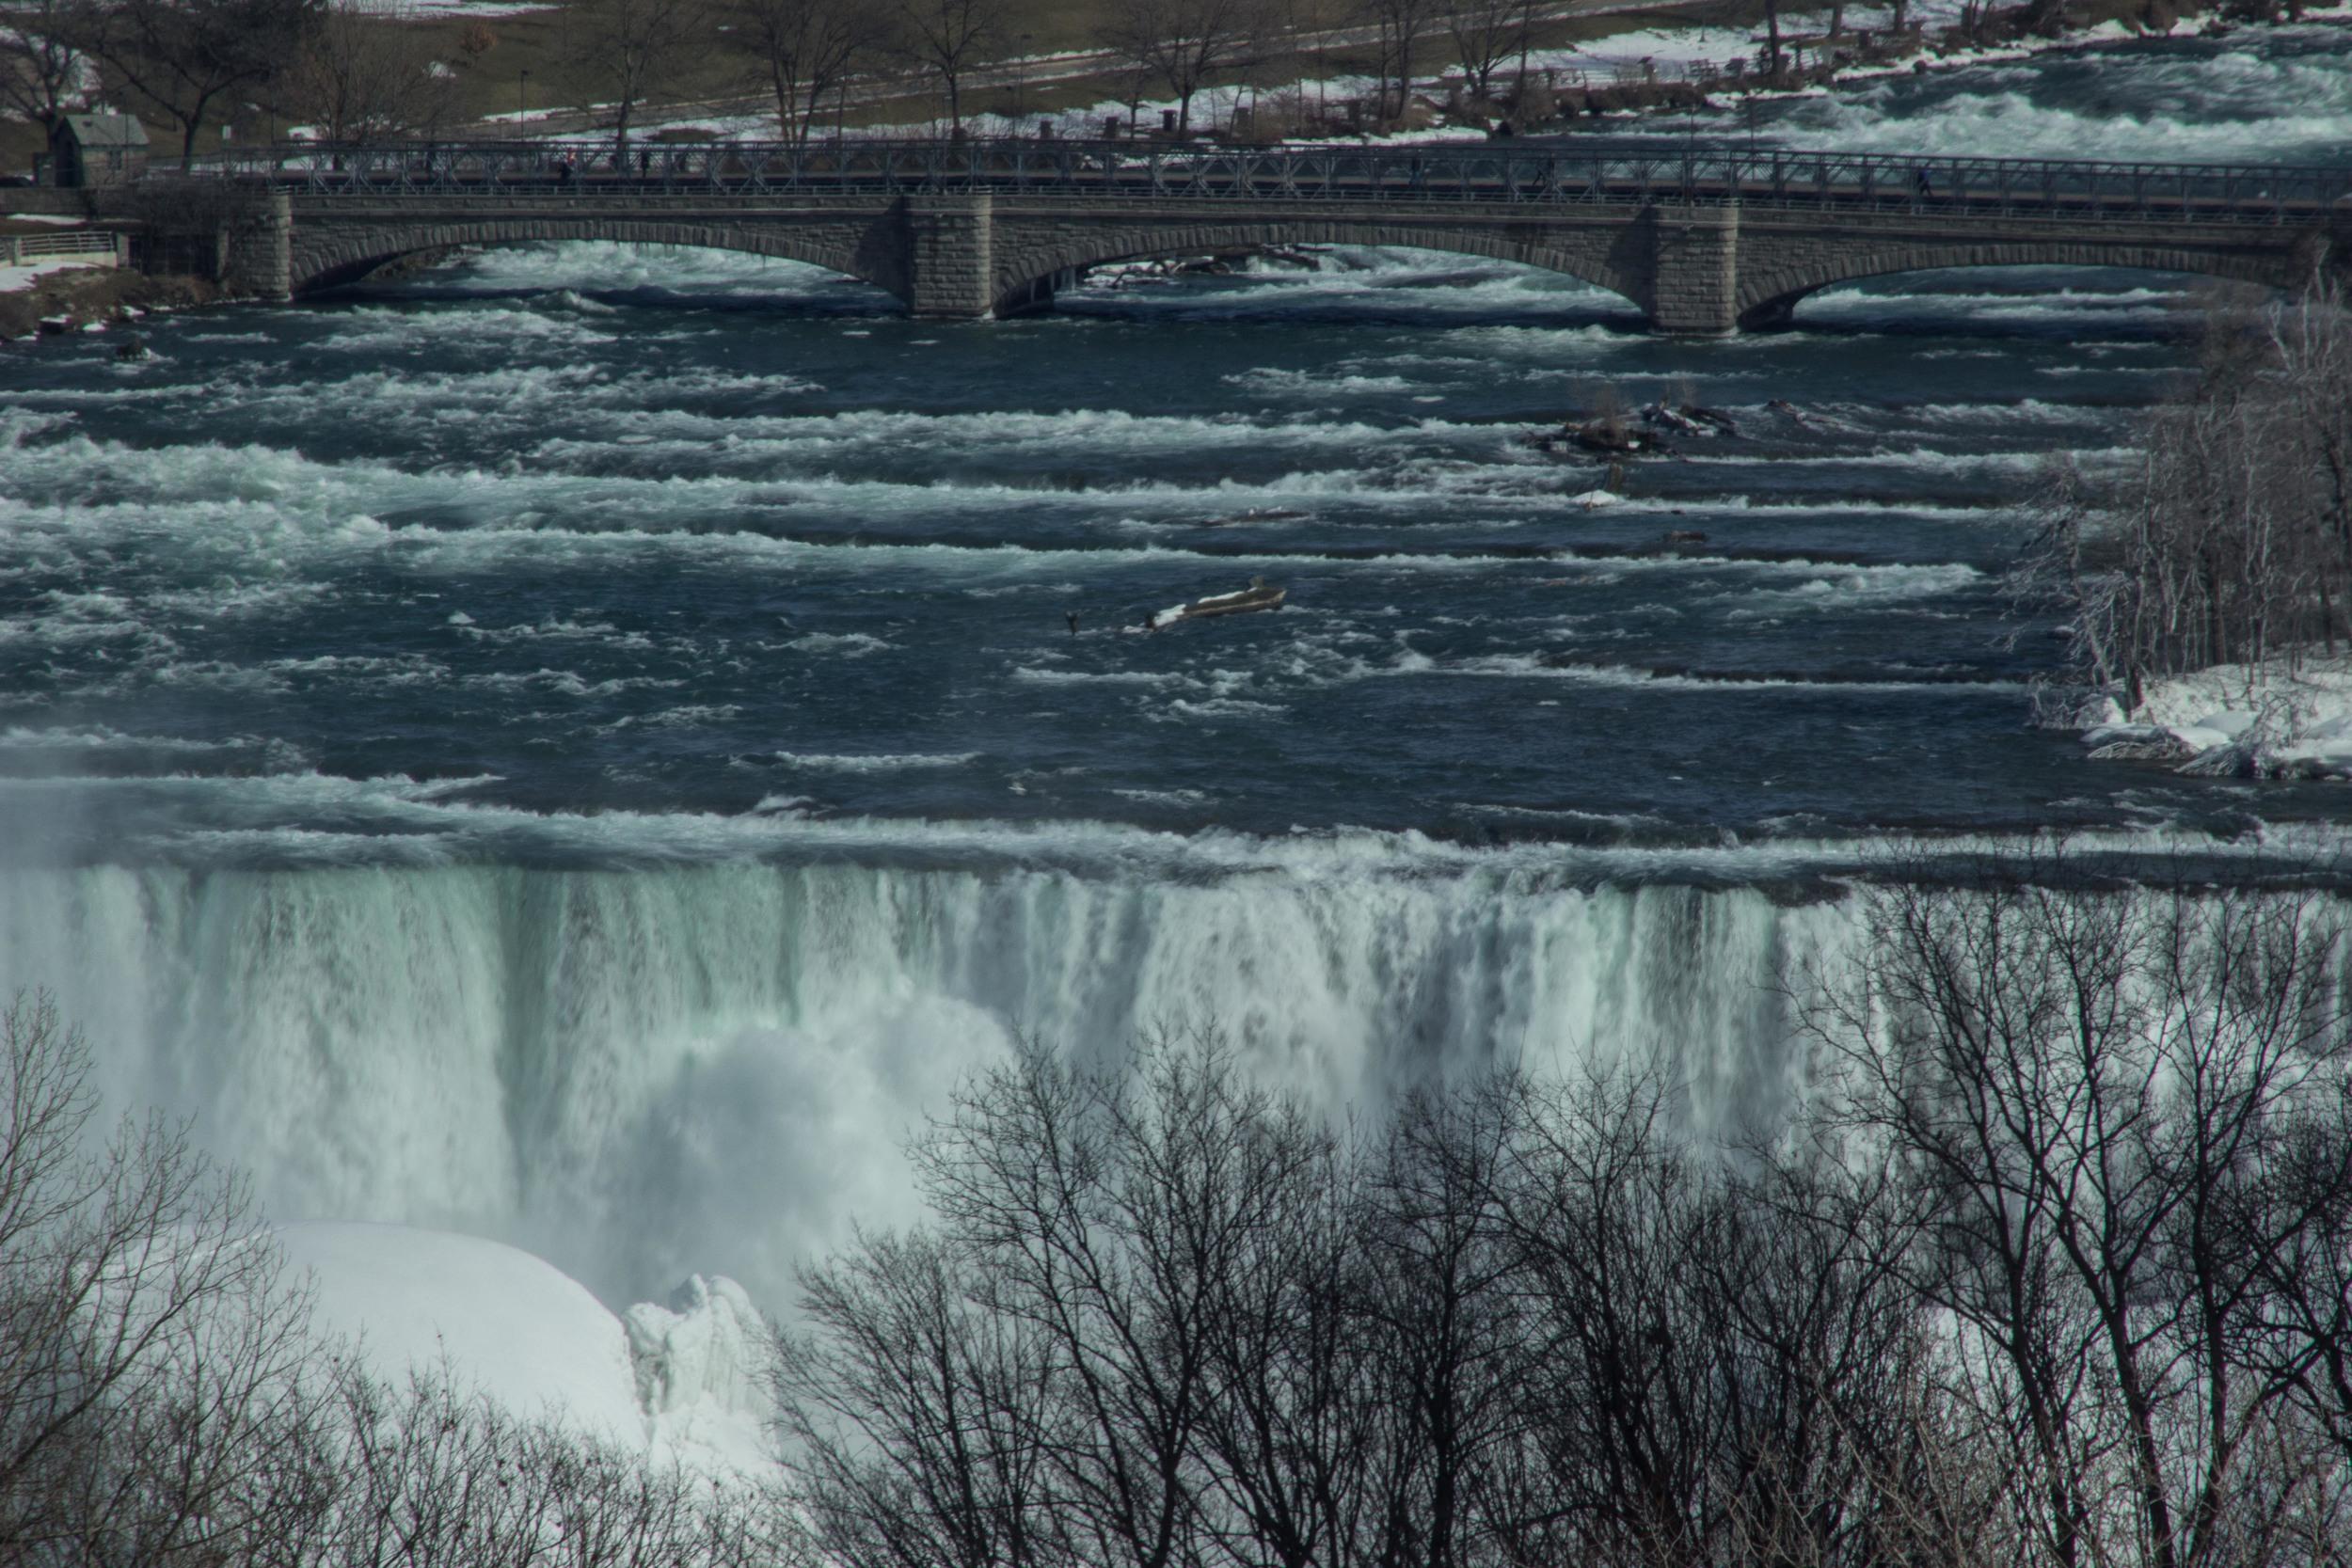 NiagaraFalls_2015_0319_0002.jpg